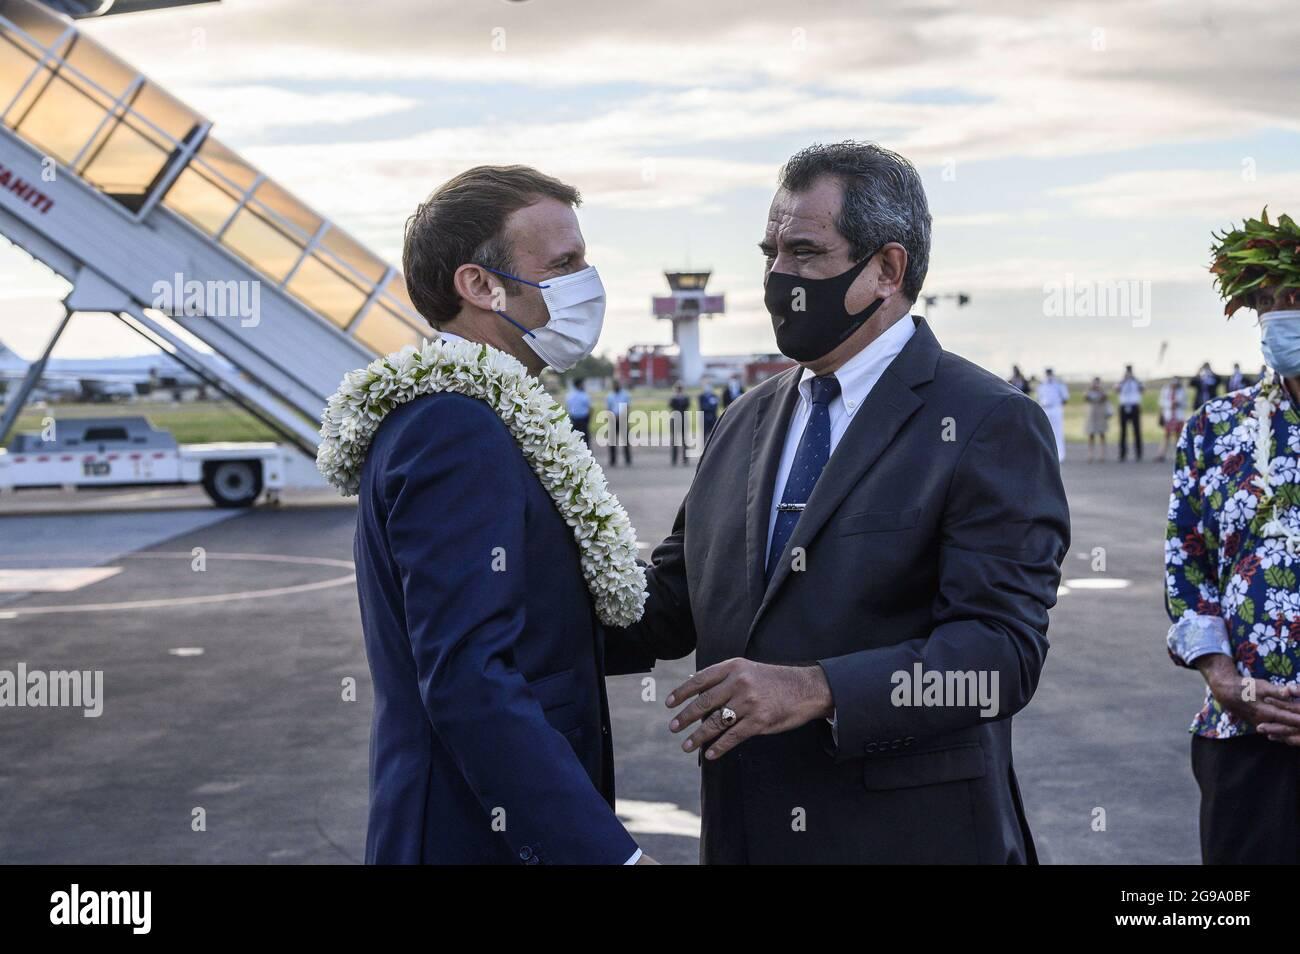 Le président français Emmanuel Macron (L) est accueilli sur le tarmac par le président français Édouard Fritch (R) sur le tarmac à son arrivée à l'aéroport international FAA'a pour une visite à Tahiti en Polynésie française le 24 juillet 2021.photo par Eliot Blondt/ABACAPRESS.COM Banque D'Images